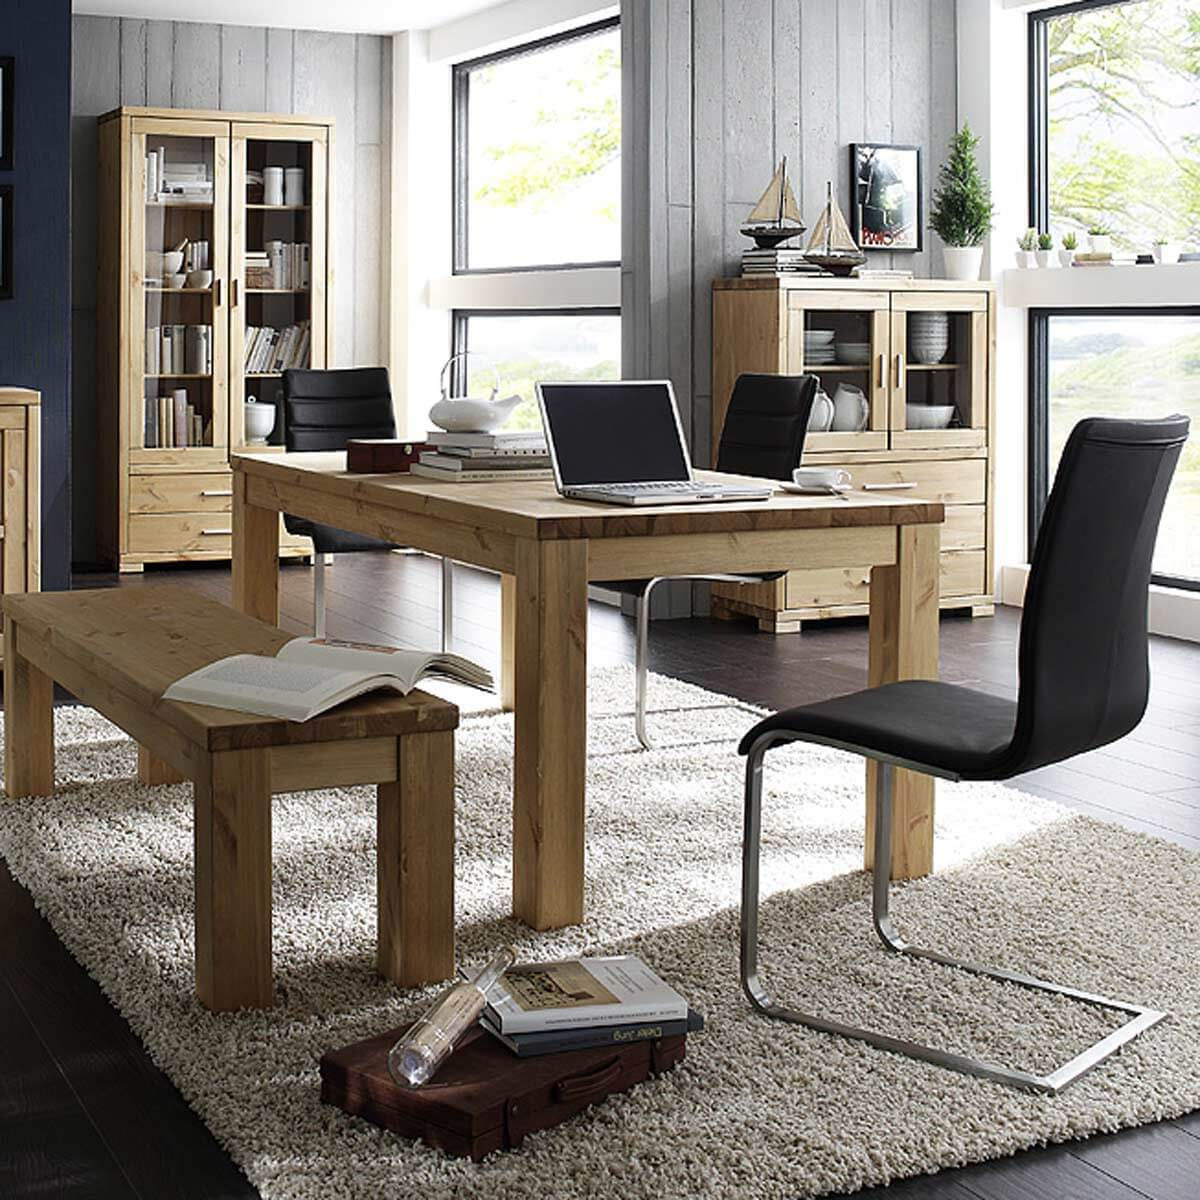 esstisch st hle bunt neuesten design. Black Bedroom Furniture Sets. Home Design Ideas